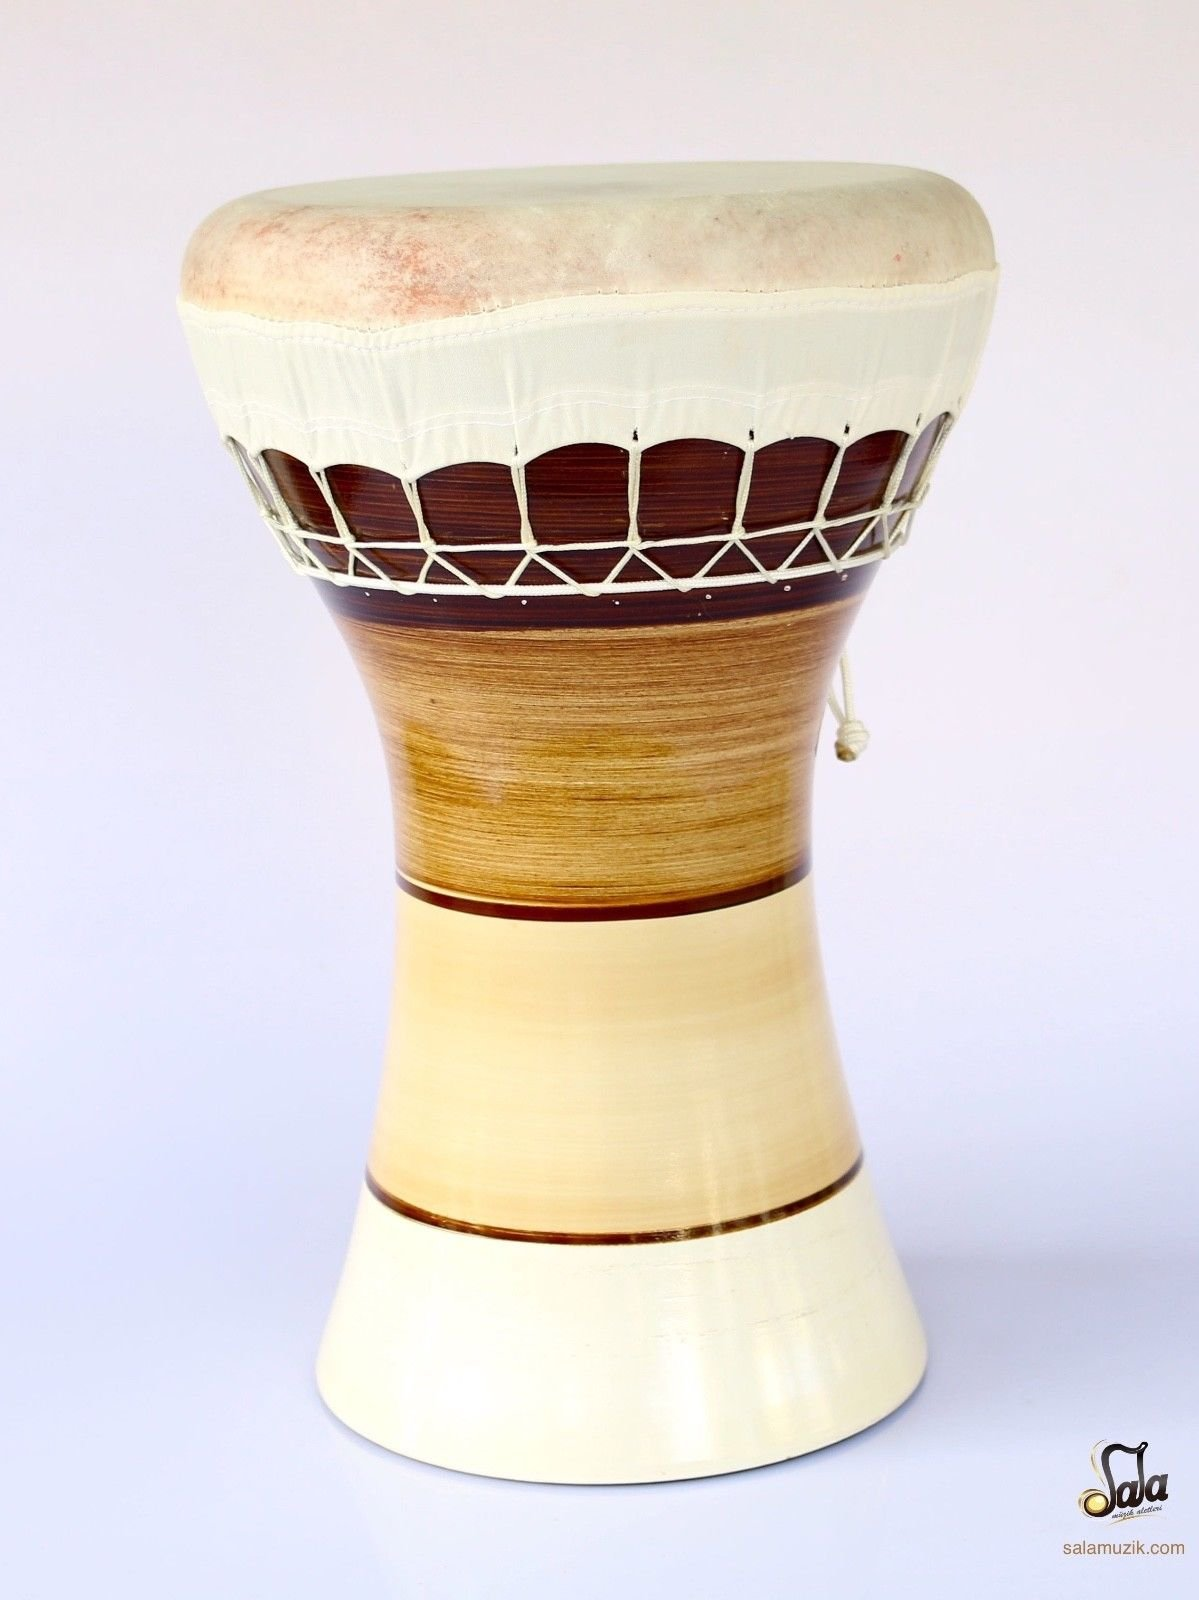 Professional Solo Clay Darbuka Ceramic Dohola Doumbek KIK-823